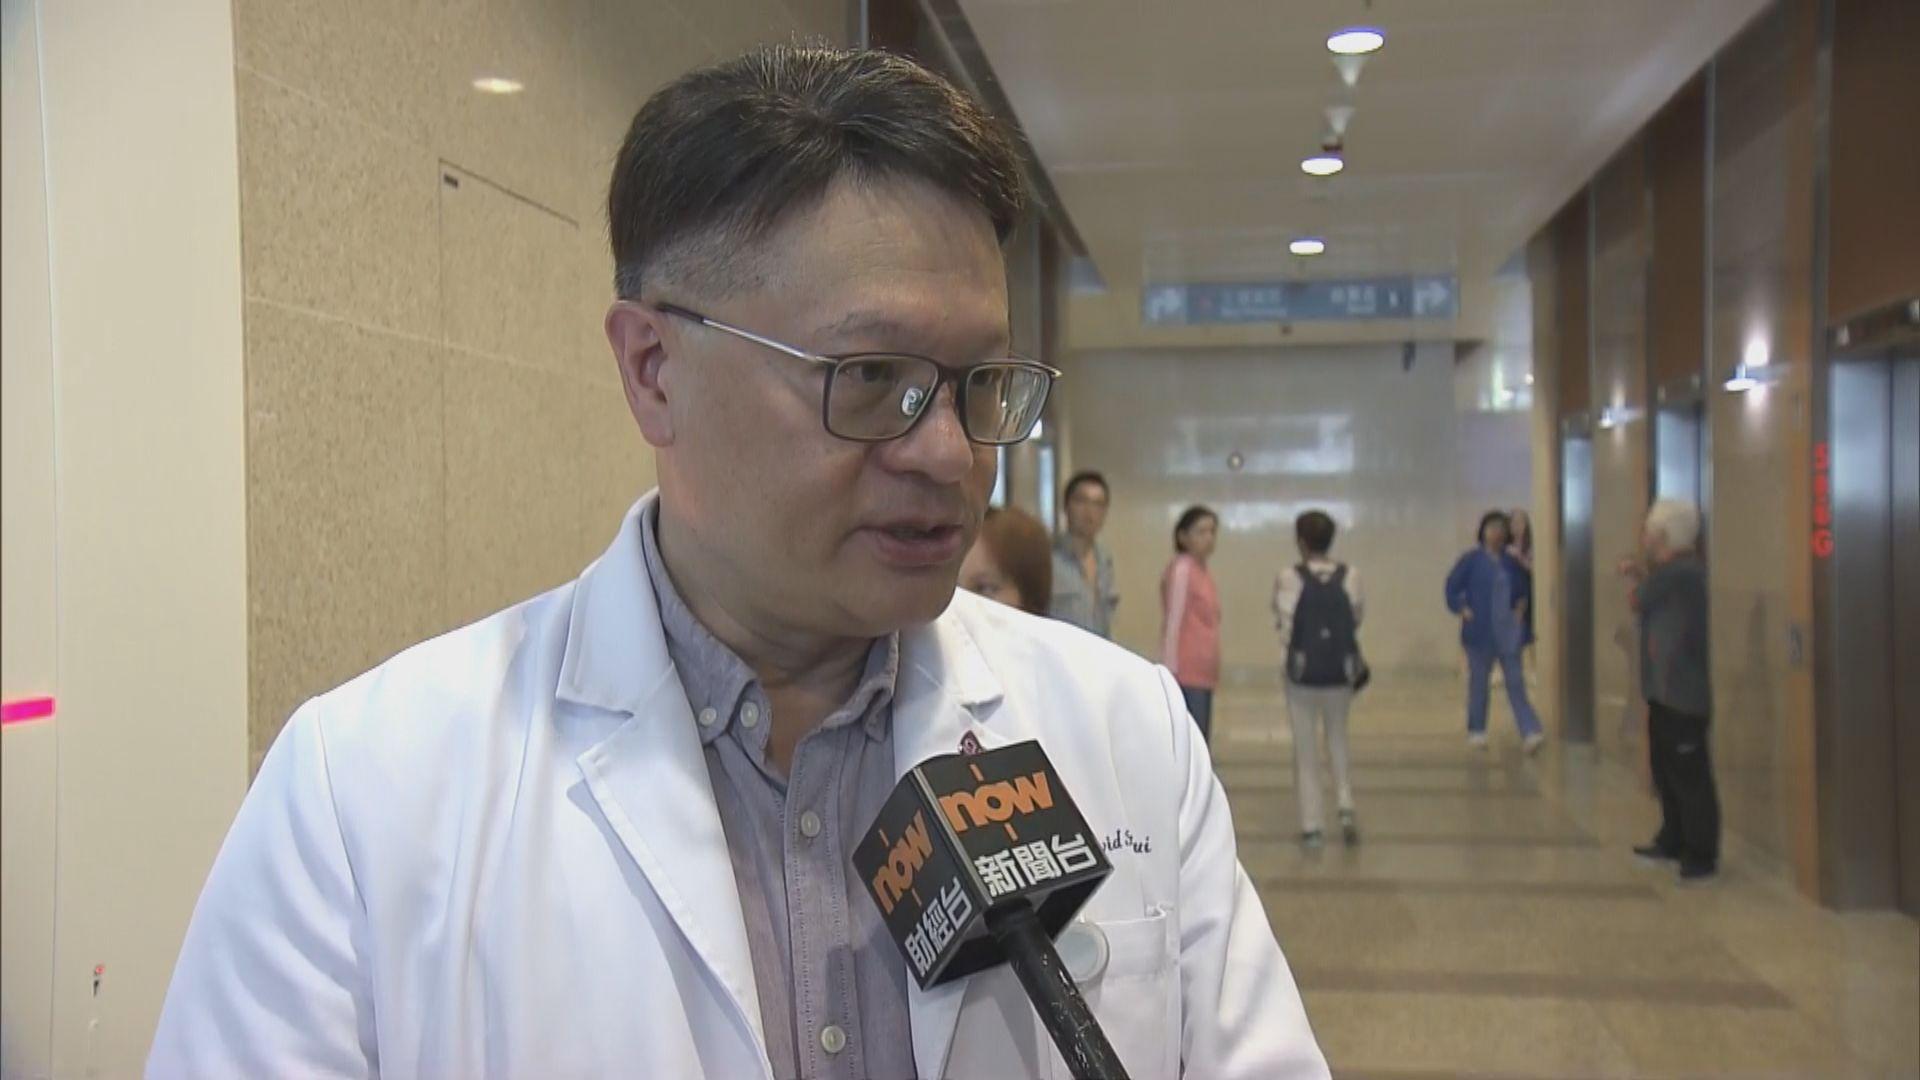 十多間醫院醫護人員集會 呼吸科專家批室內放催淚彈不當